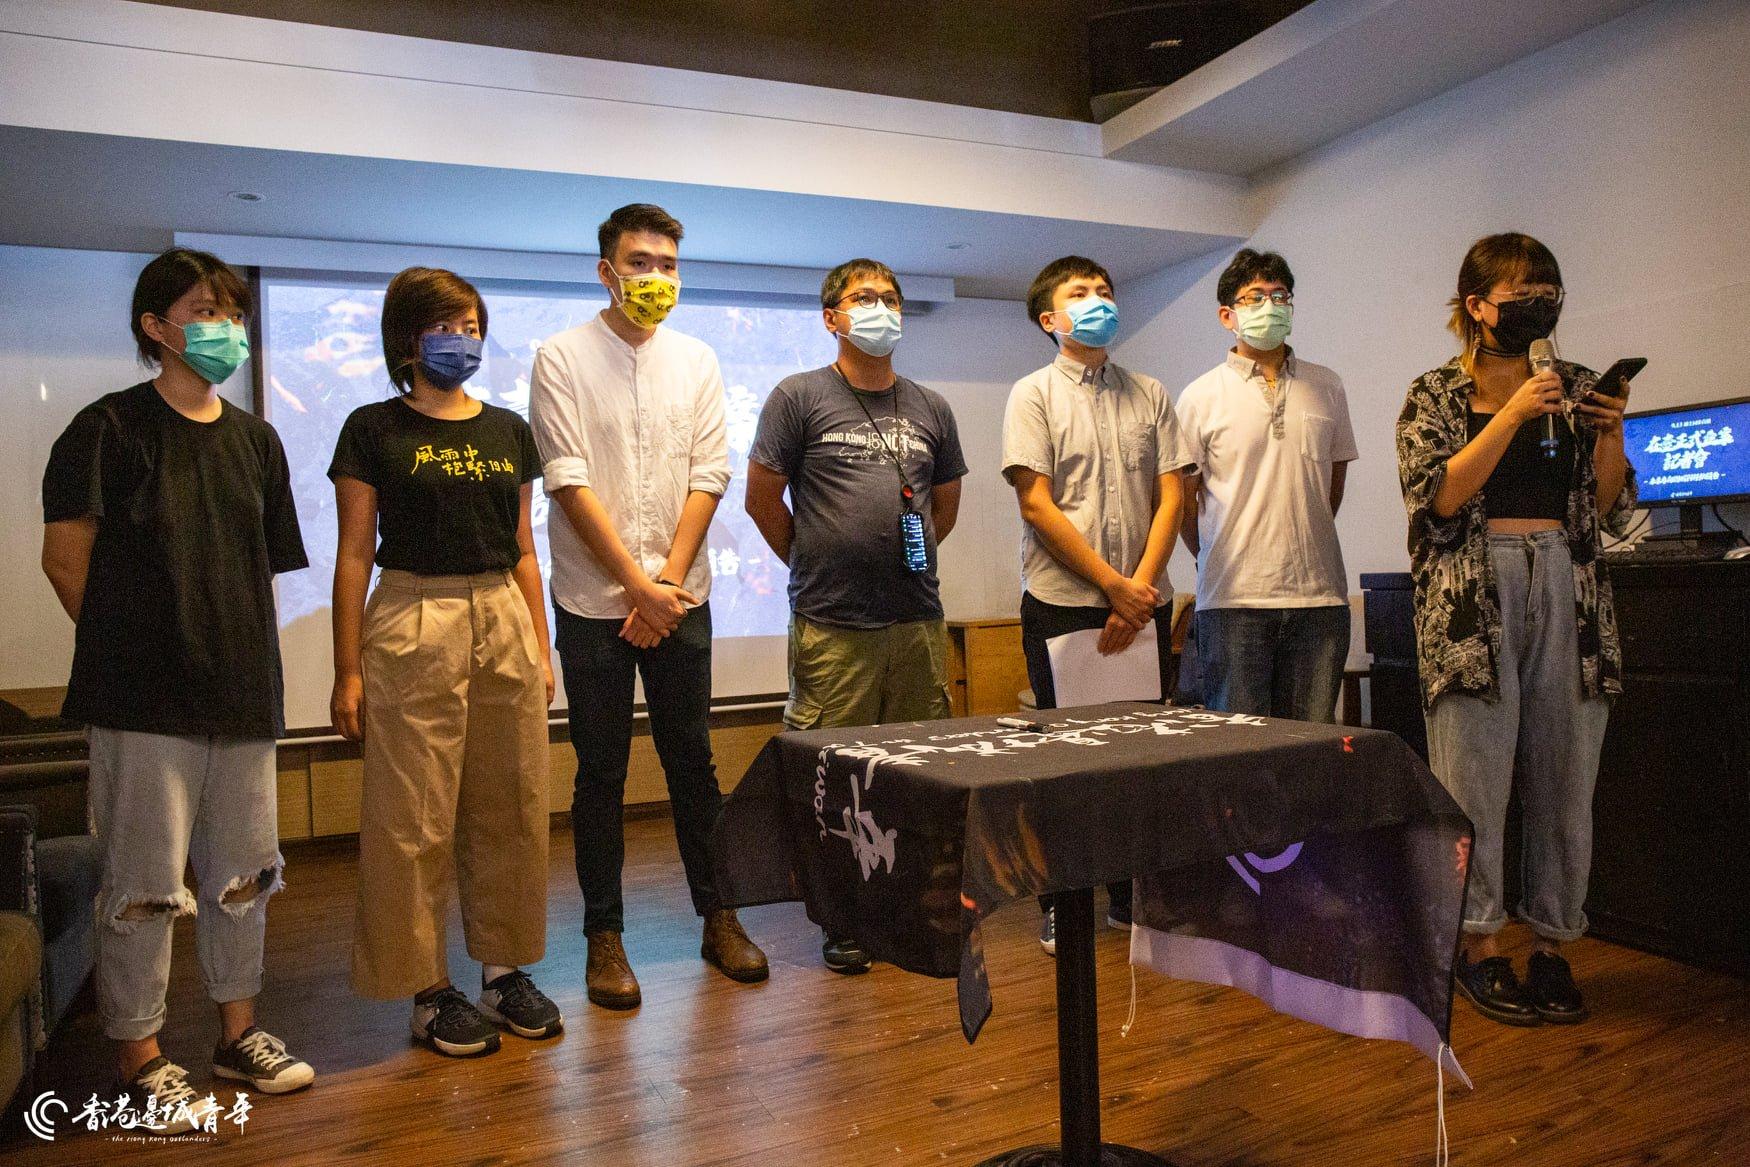 9月13日,香港邊城青年在台灣舉行記者招待會,宣布已在台灣成功登記為社團法人。(香港邊城青年facebook專頁)